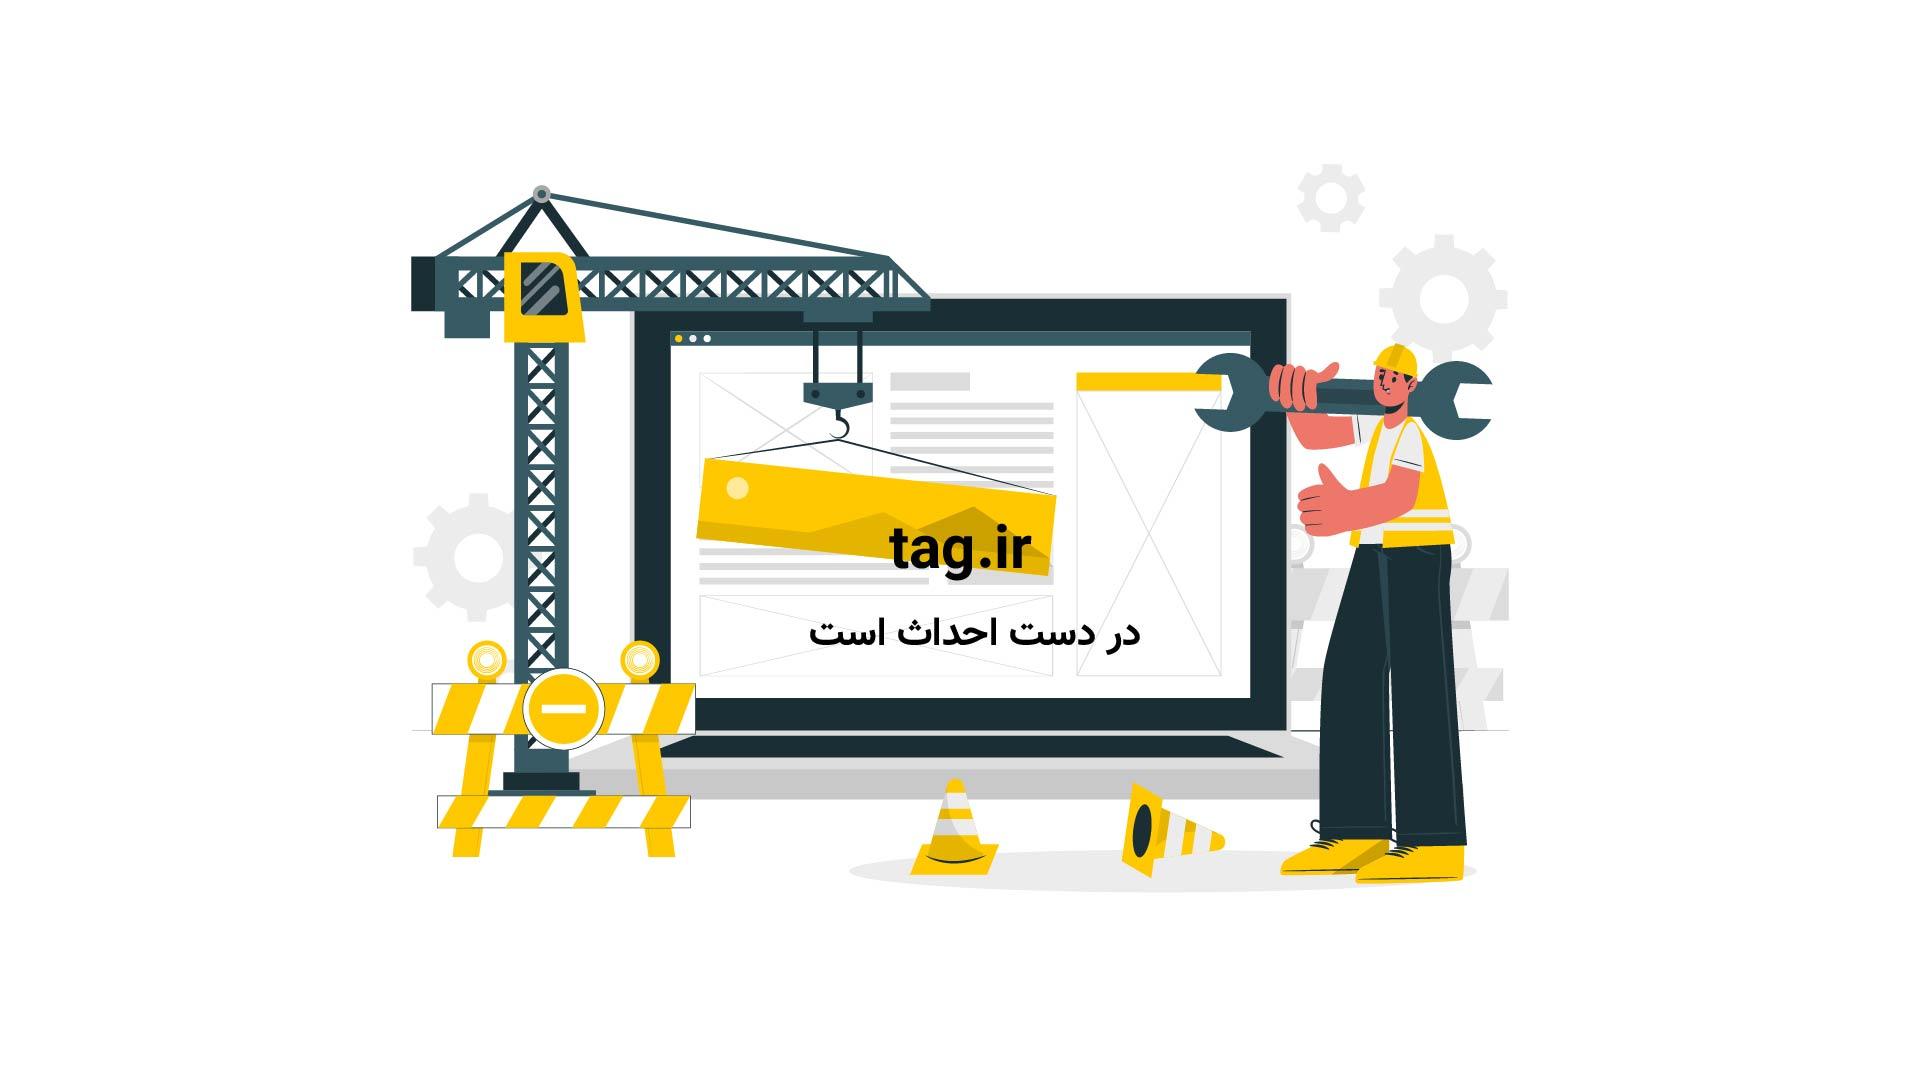 رئیس کل بانک مرکزی: در آینده نزدیک بانک مرکزی به نرخ سود تسهیلات بانکی ورود میکند   فیلم